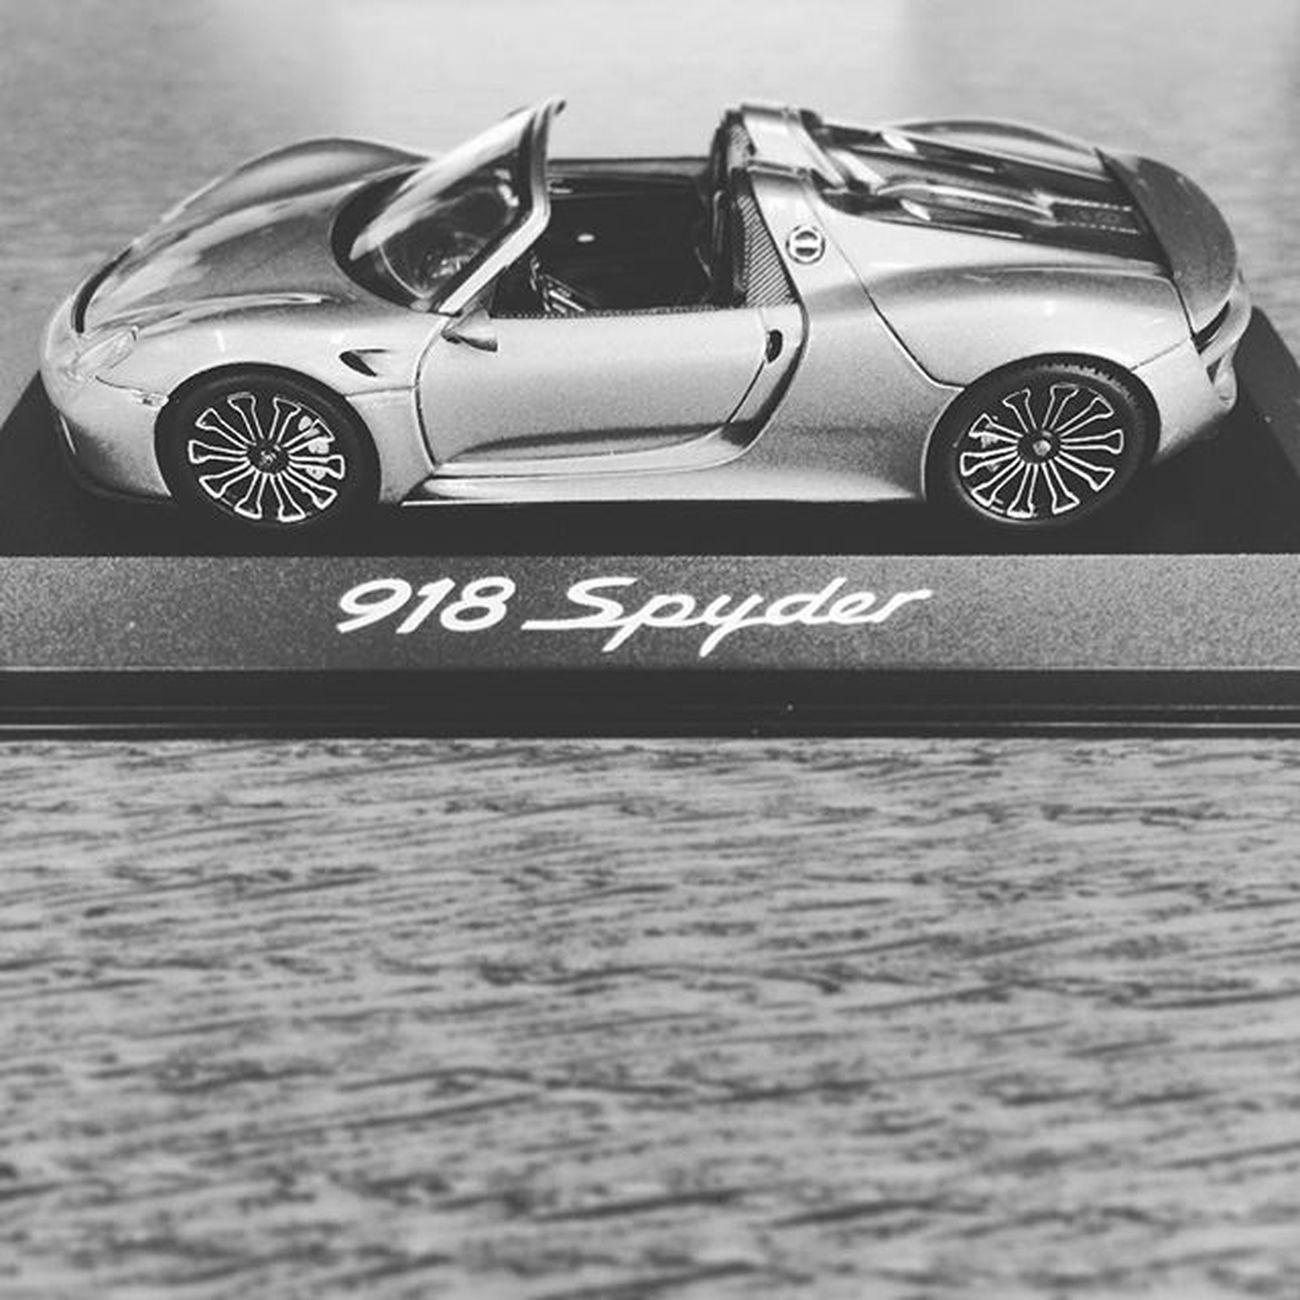 immerhin schon Hybrid 😉☕️ aller anfang ist schwer aber das wird schon... @porsche Porsche Porsche918 Porsche918Spyder Innovation Machen @theporschelifestyle @porscheclub @porschedesignofficial